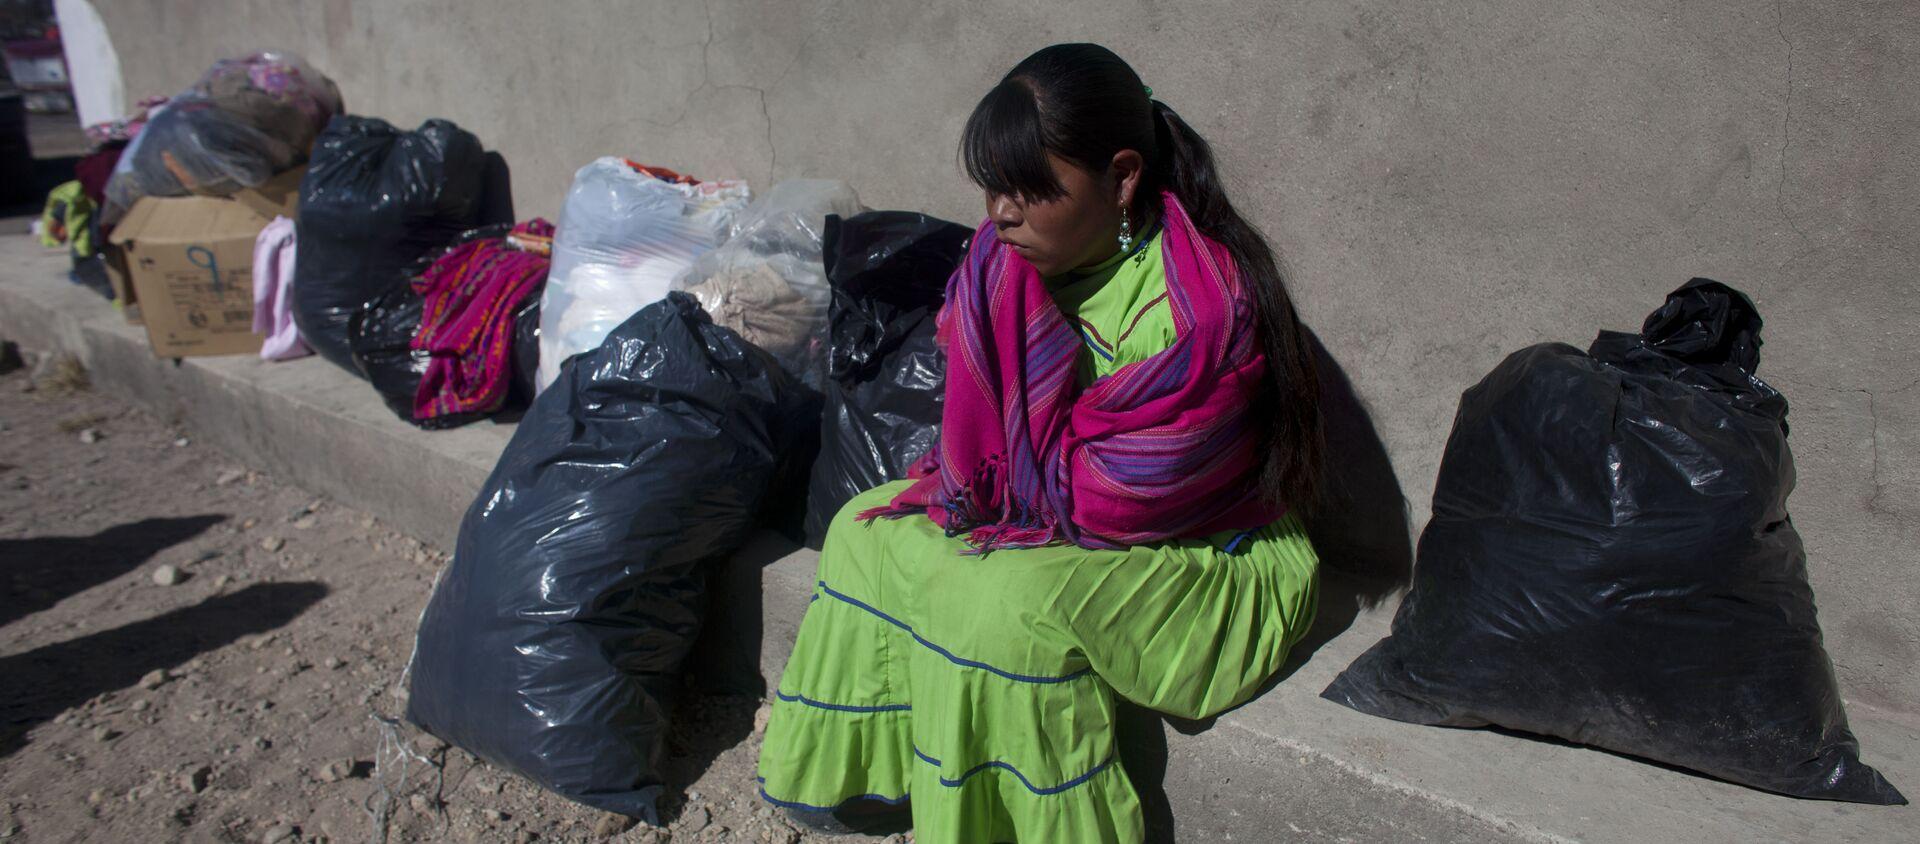 Una mujer indígena en México (archivo) - Sputnik Mundo, 1920, 04.12.2020